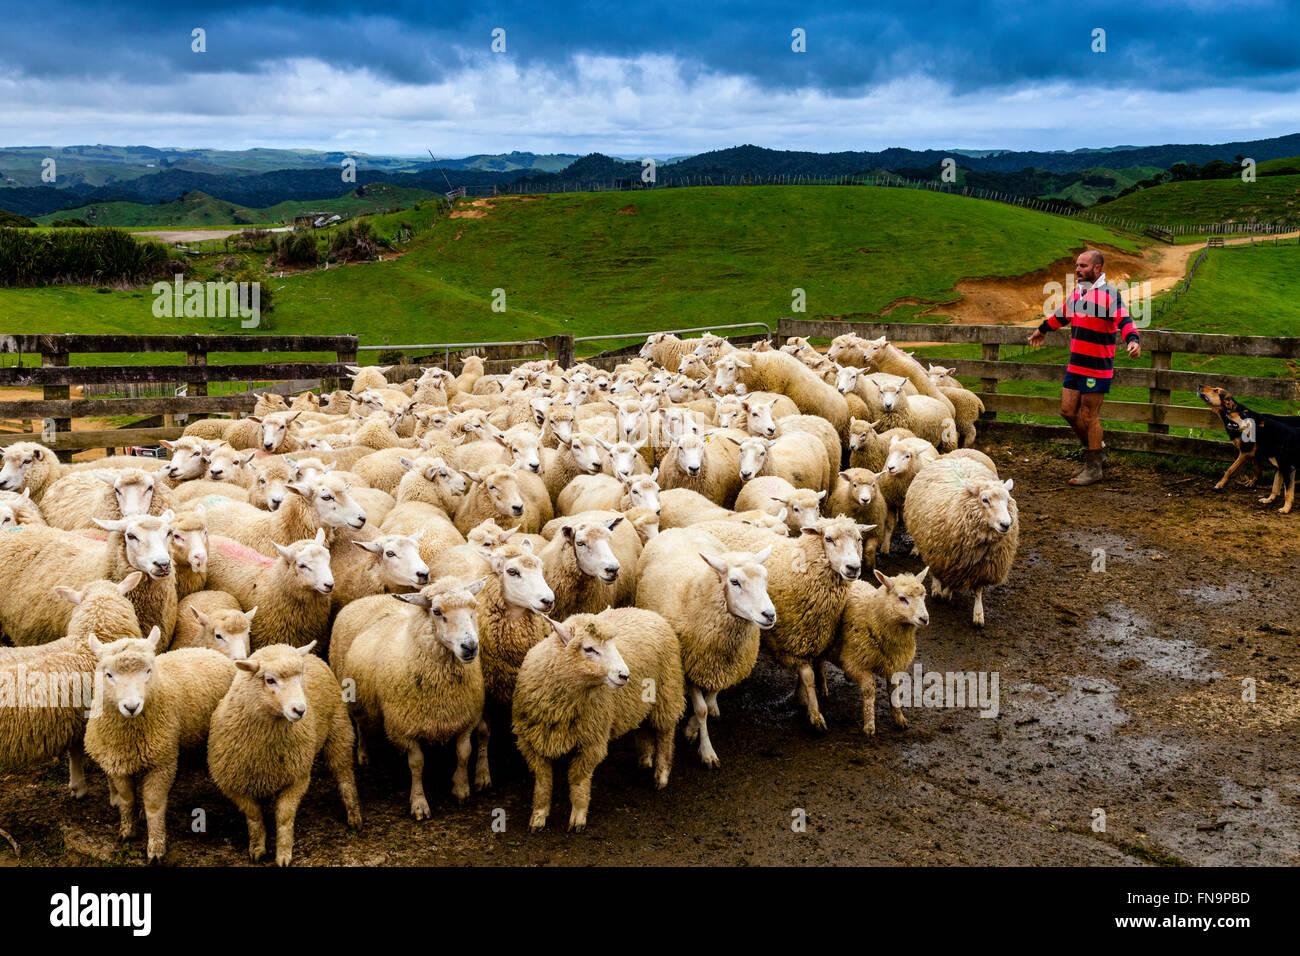 Sheep In A Sheep Pen Waiting To Be Sheared, Sheep Farm, Pukekohe, New Zealand Stock Photo